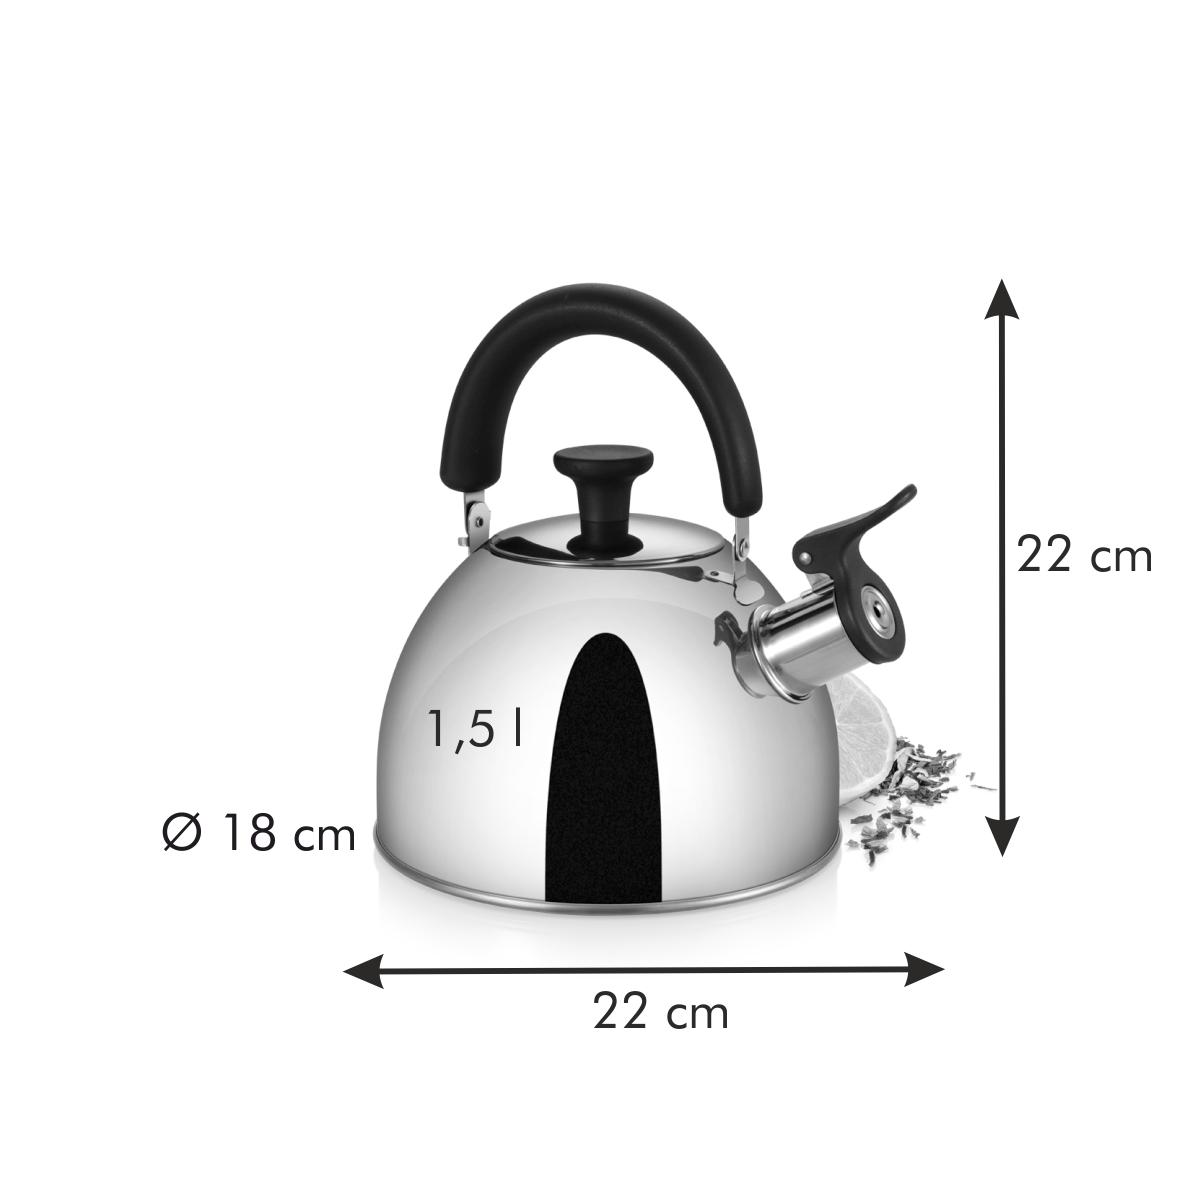 Čajová konvice PERFECTA 1.5 l